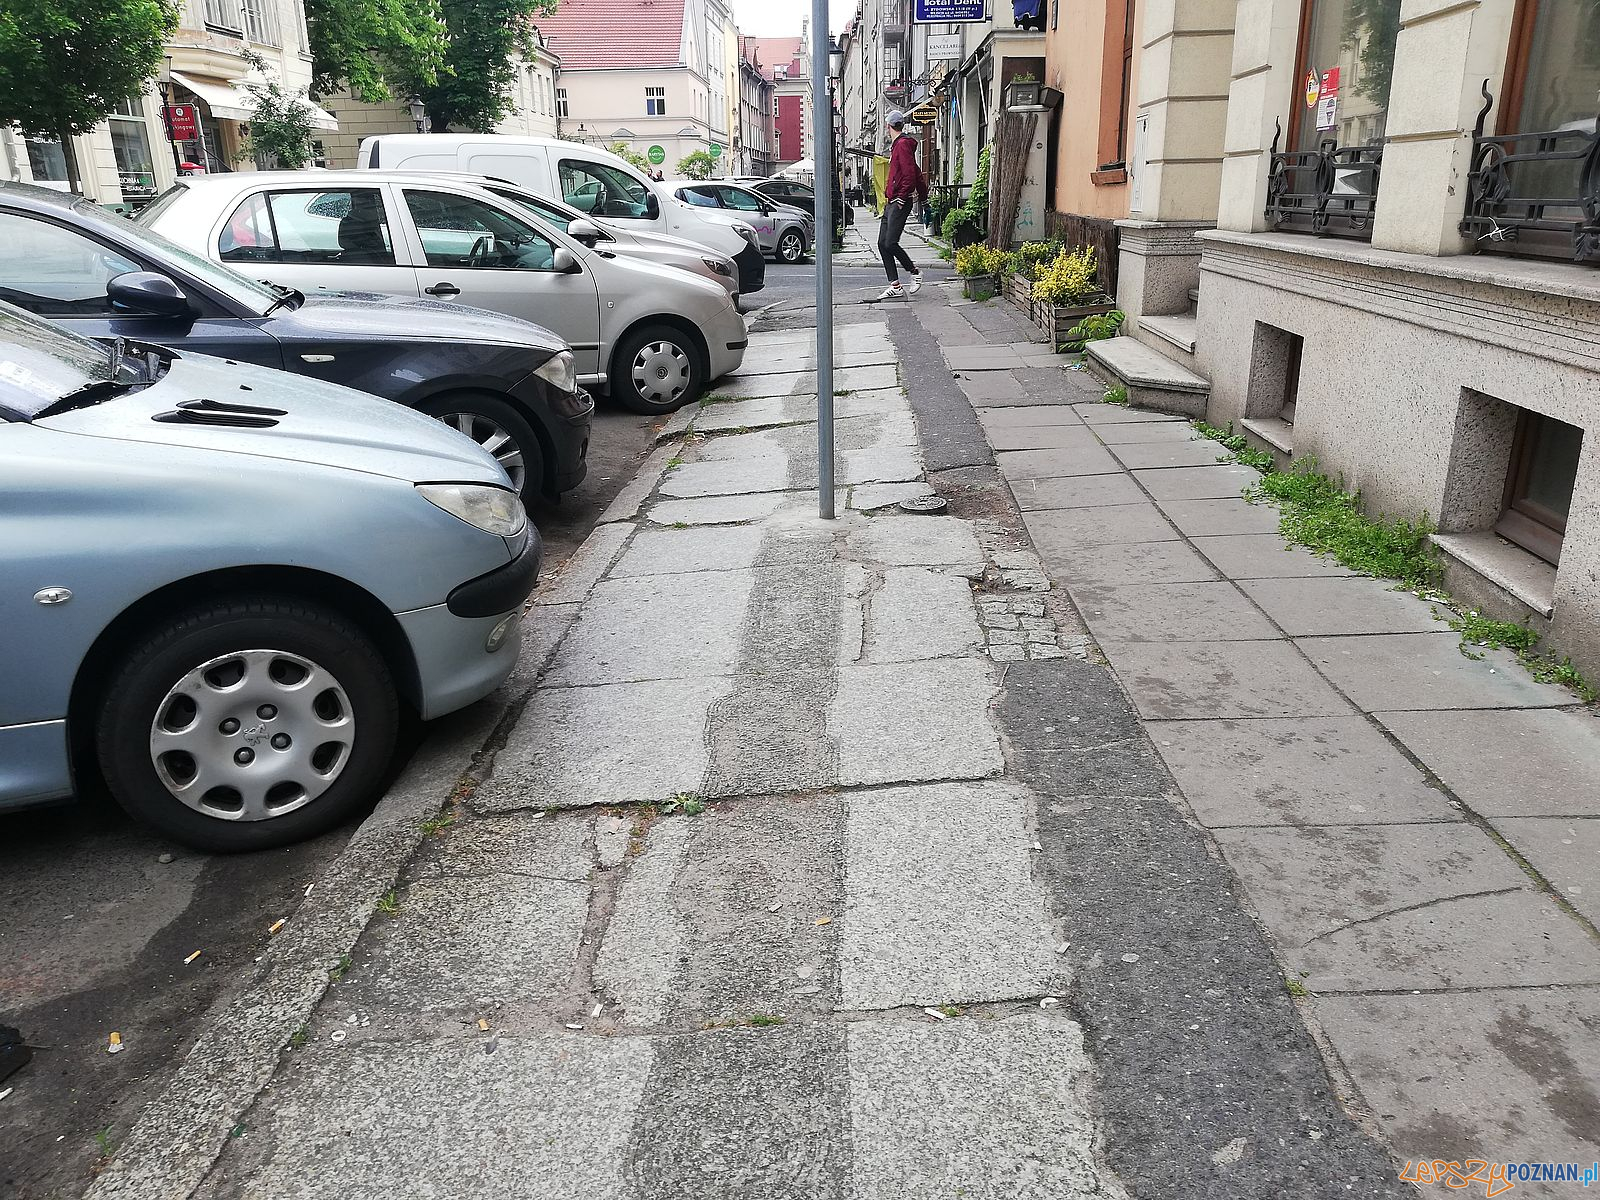 Żydowska, zniszczone płyty  Foto: